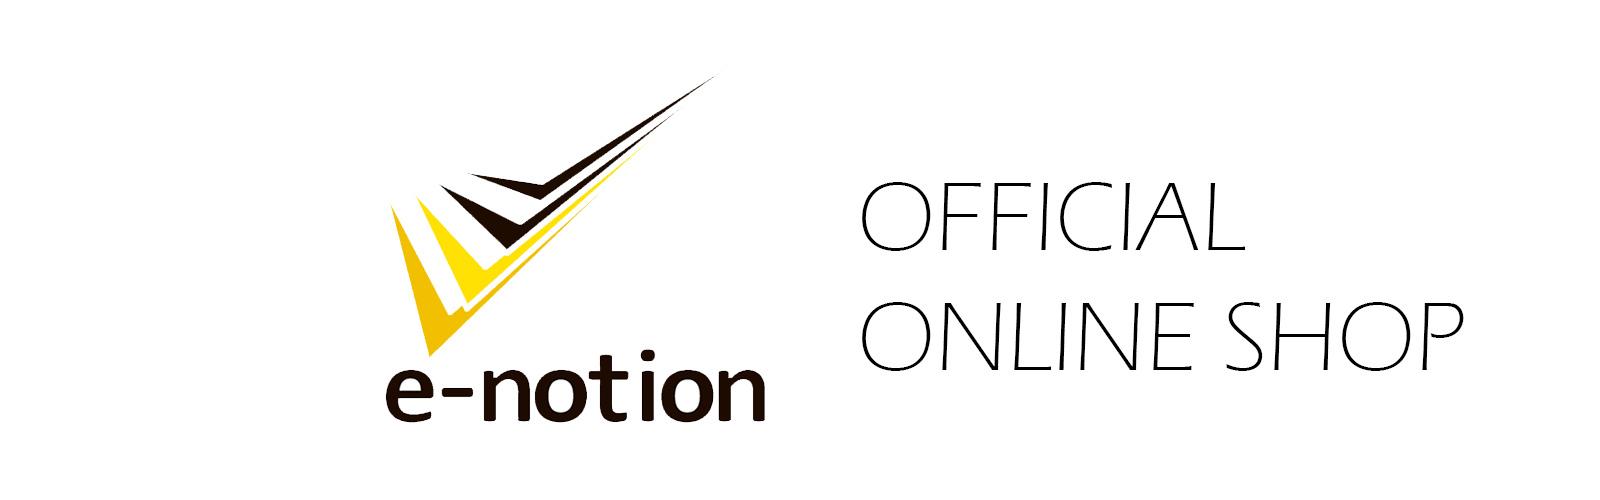 e-notion 公式オンラインショップ